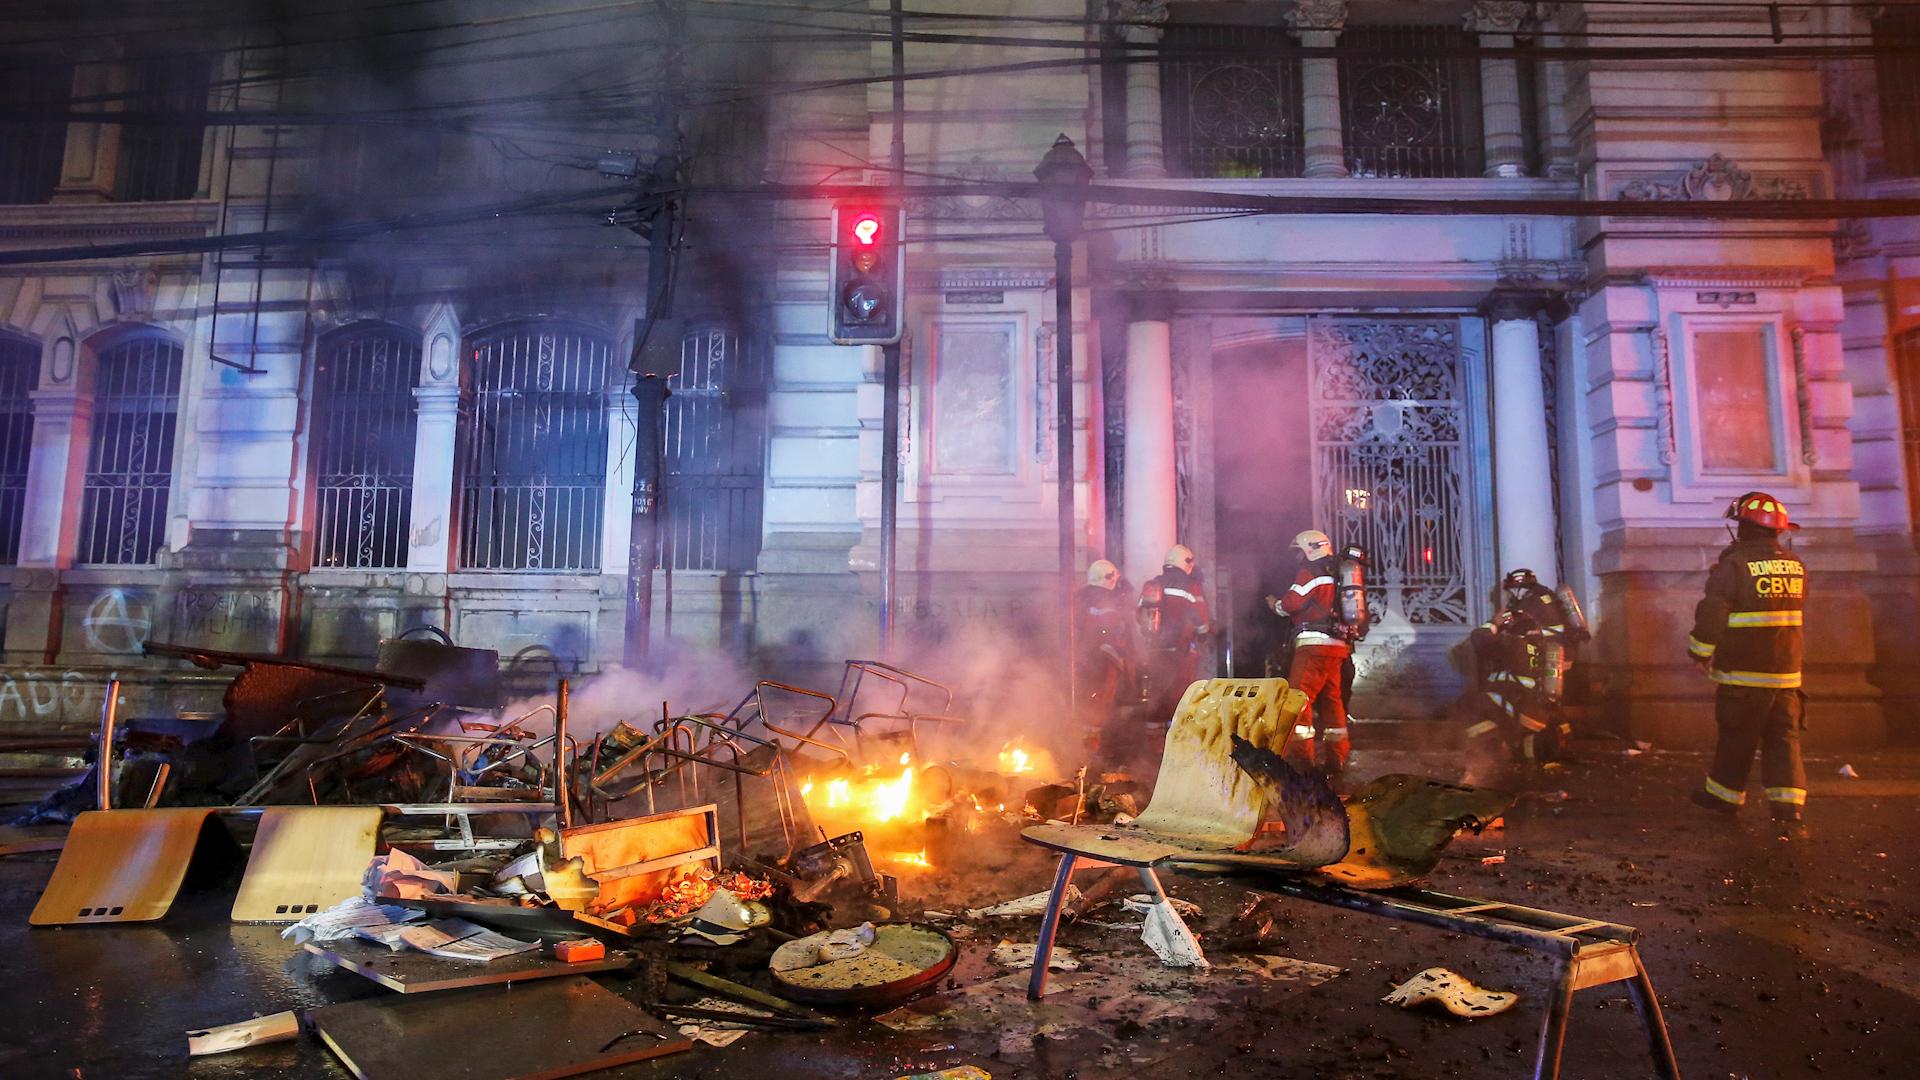 En Valparaíso, los manifestantes incendiaron la redacción local de El Mercurio, el diario más antiguo en circulación en Chile.